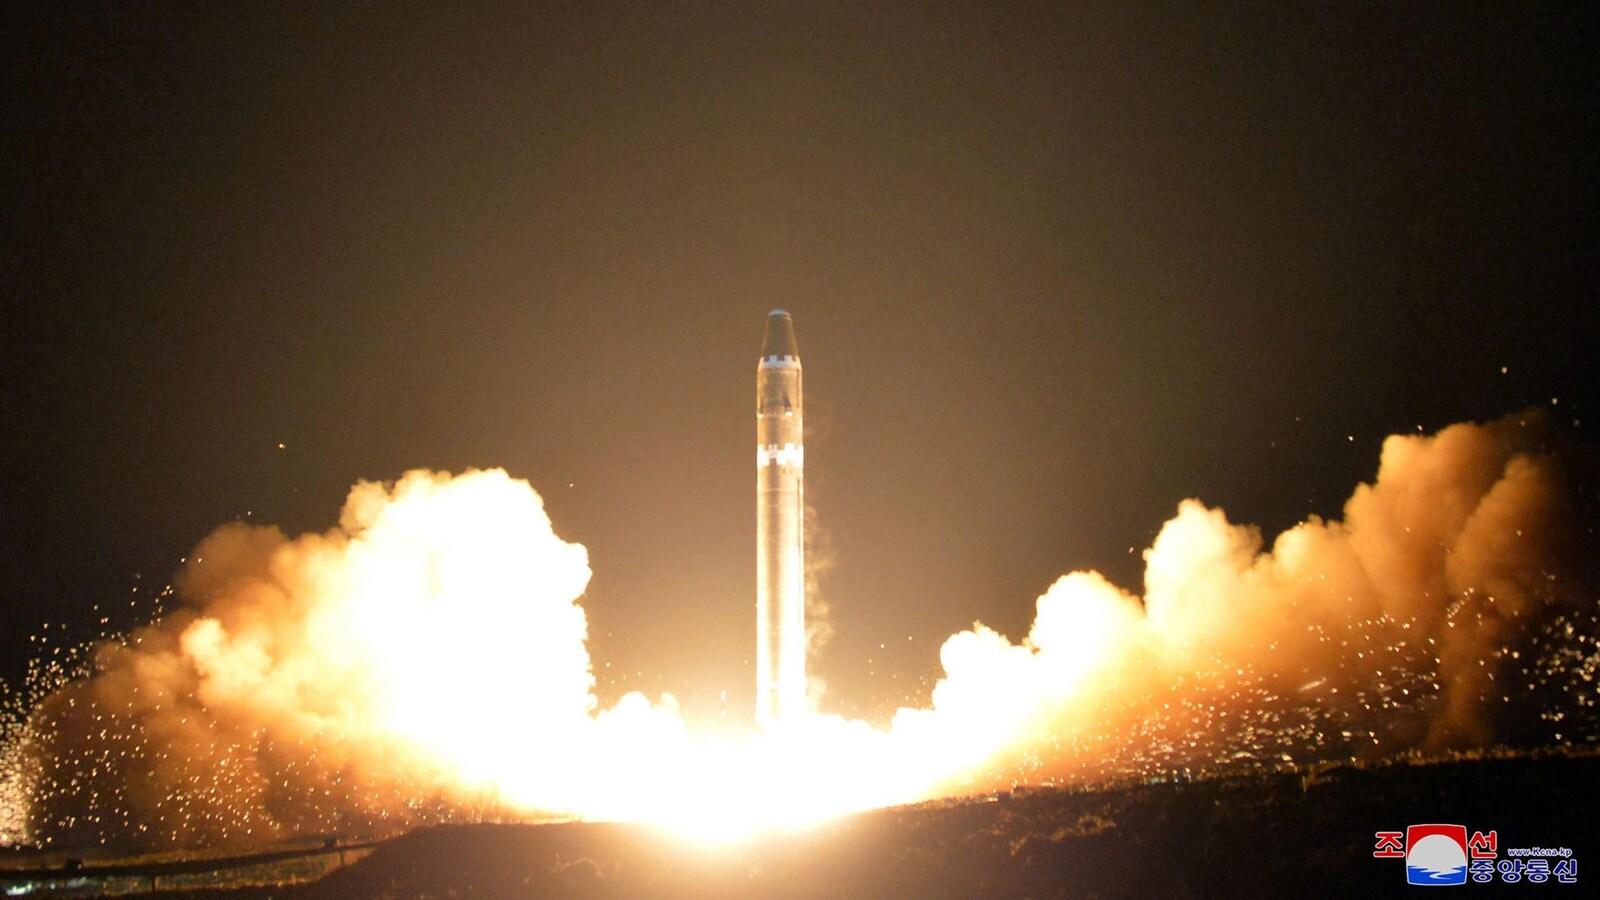 Le programme d'armement nucléaire de la Corée du Nord a pour but de montrer sa puissance à l'échelle internationale... et de faire de l'argent, disent des experts.